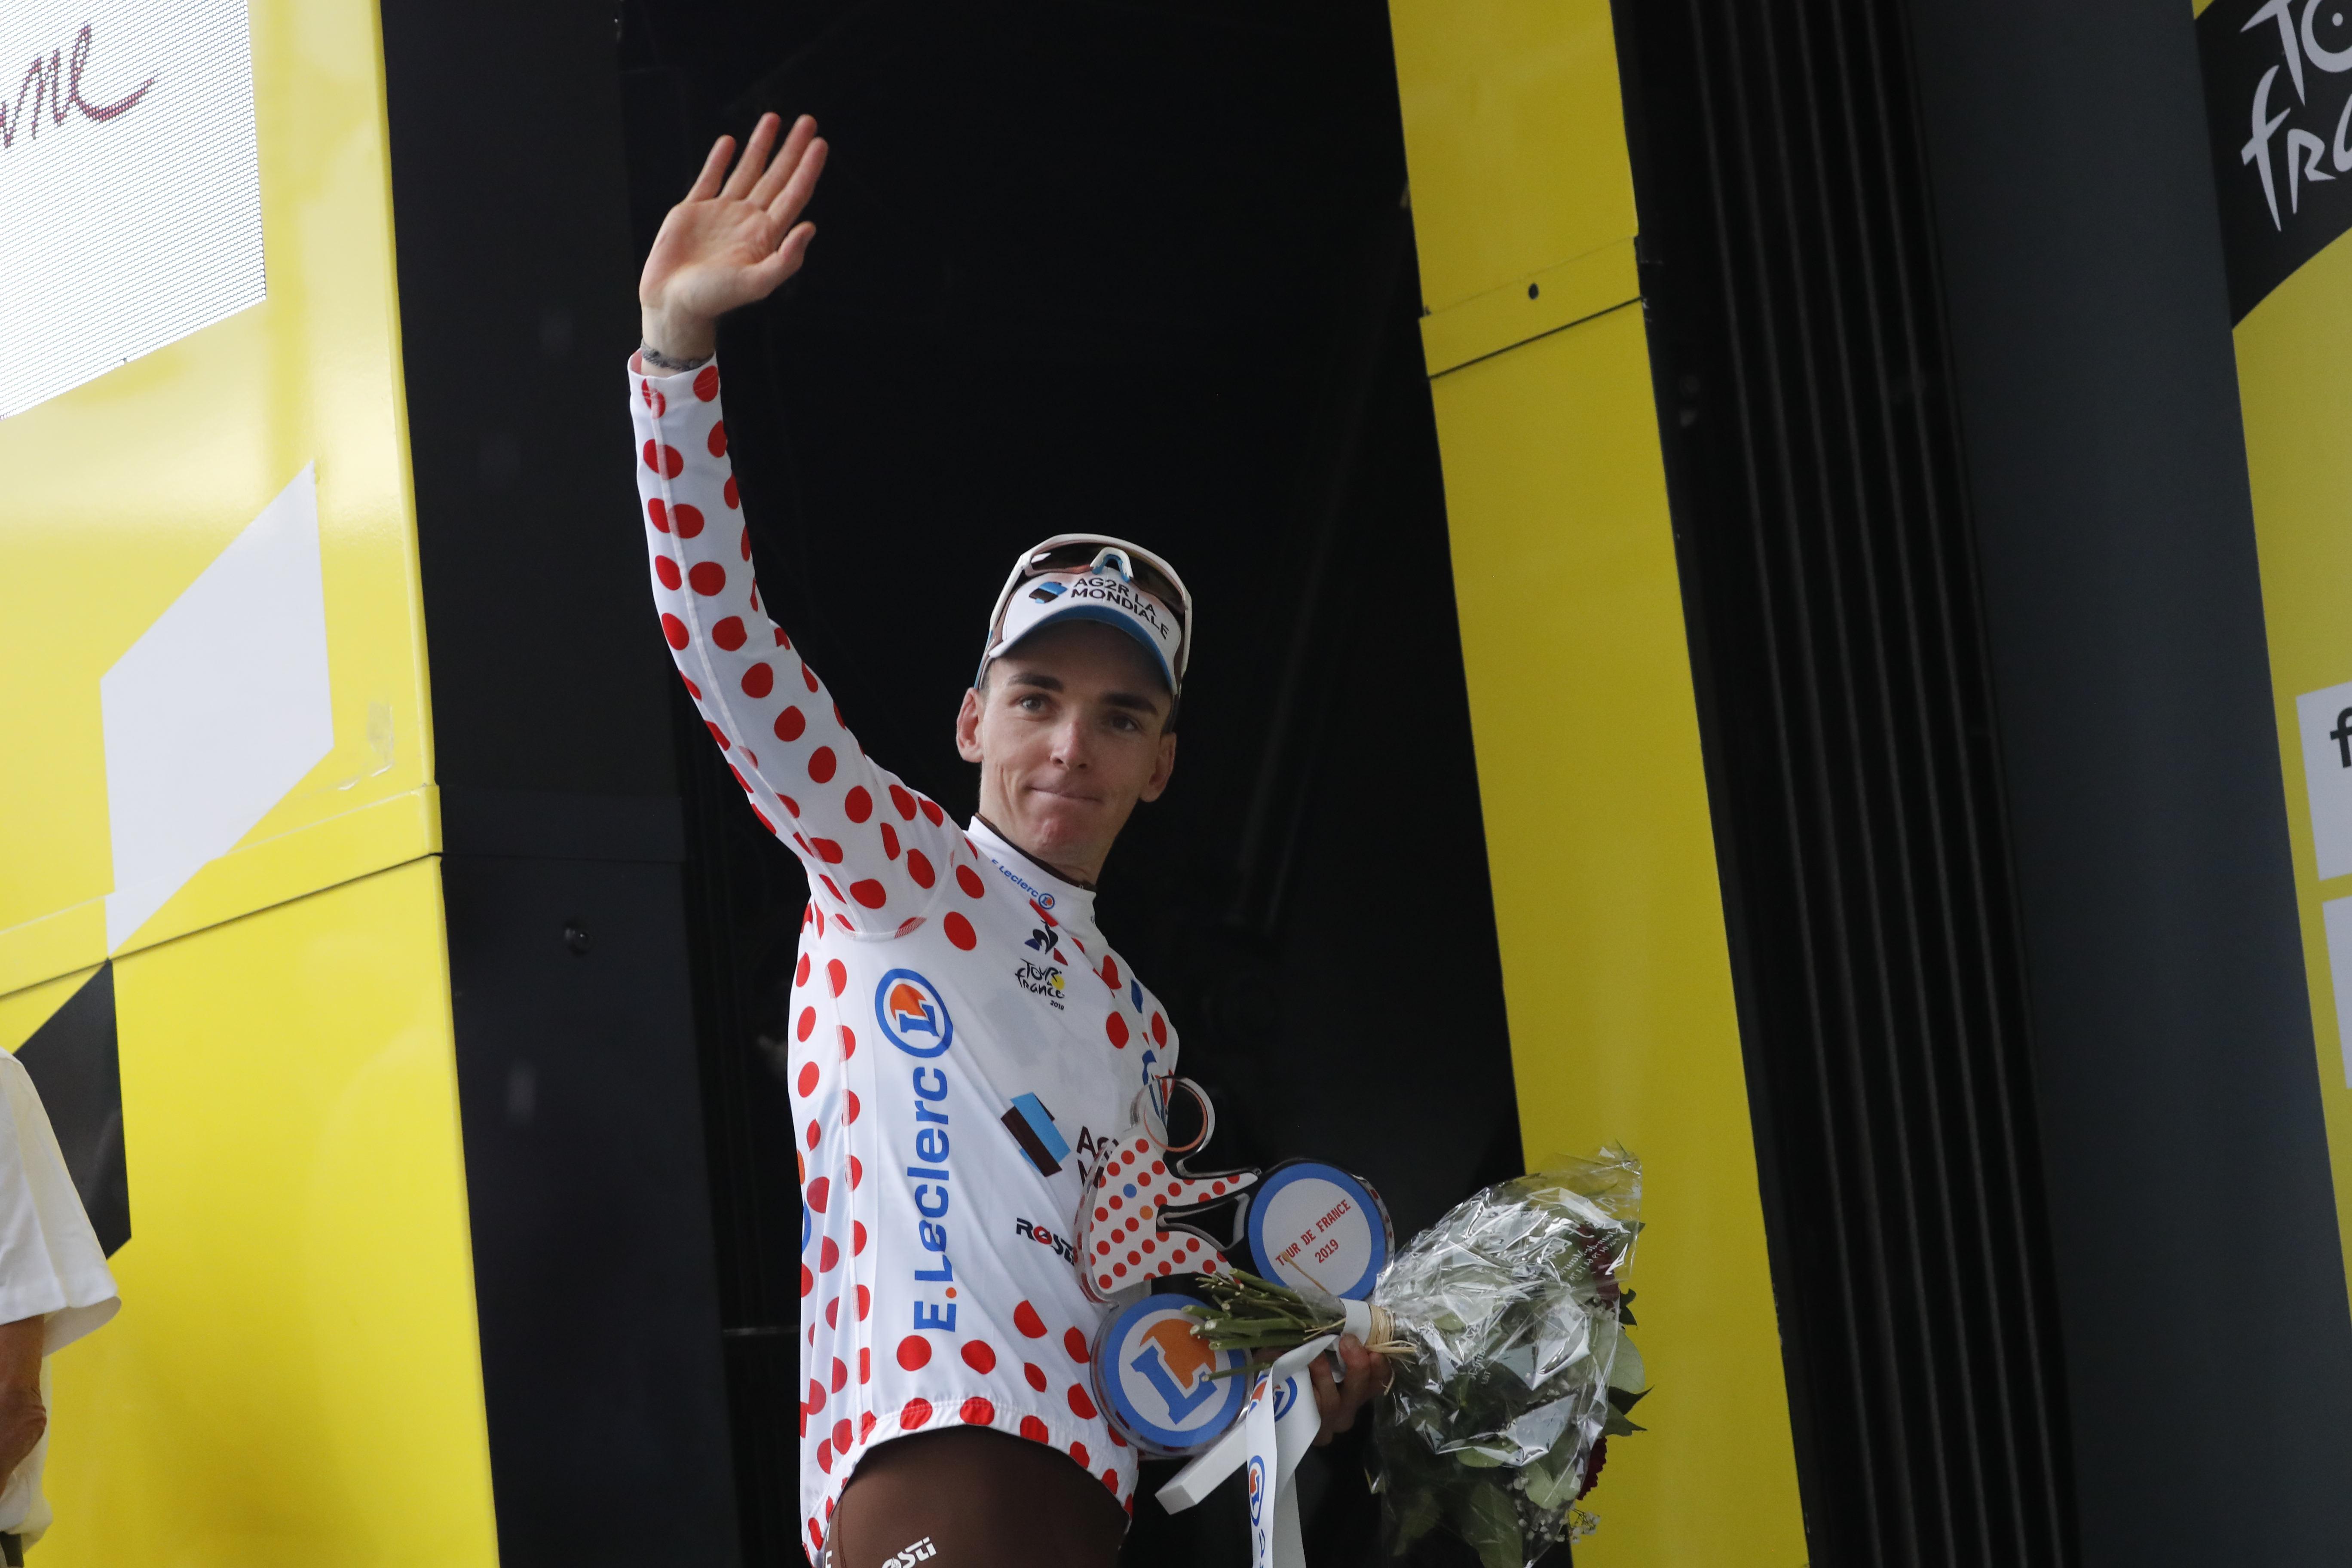 Ko francosko veliko upanje raje izbere Giro kot Tour